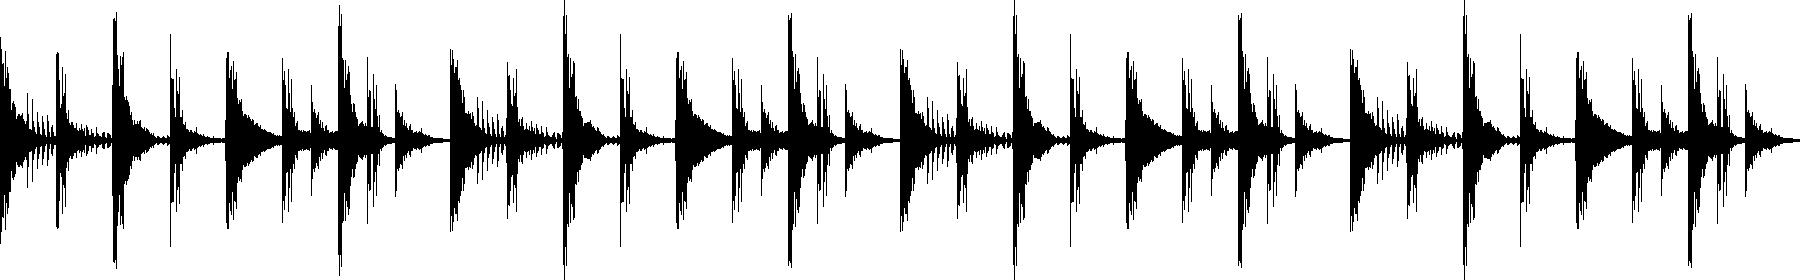 188554 percussion loop wav